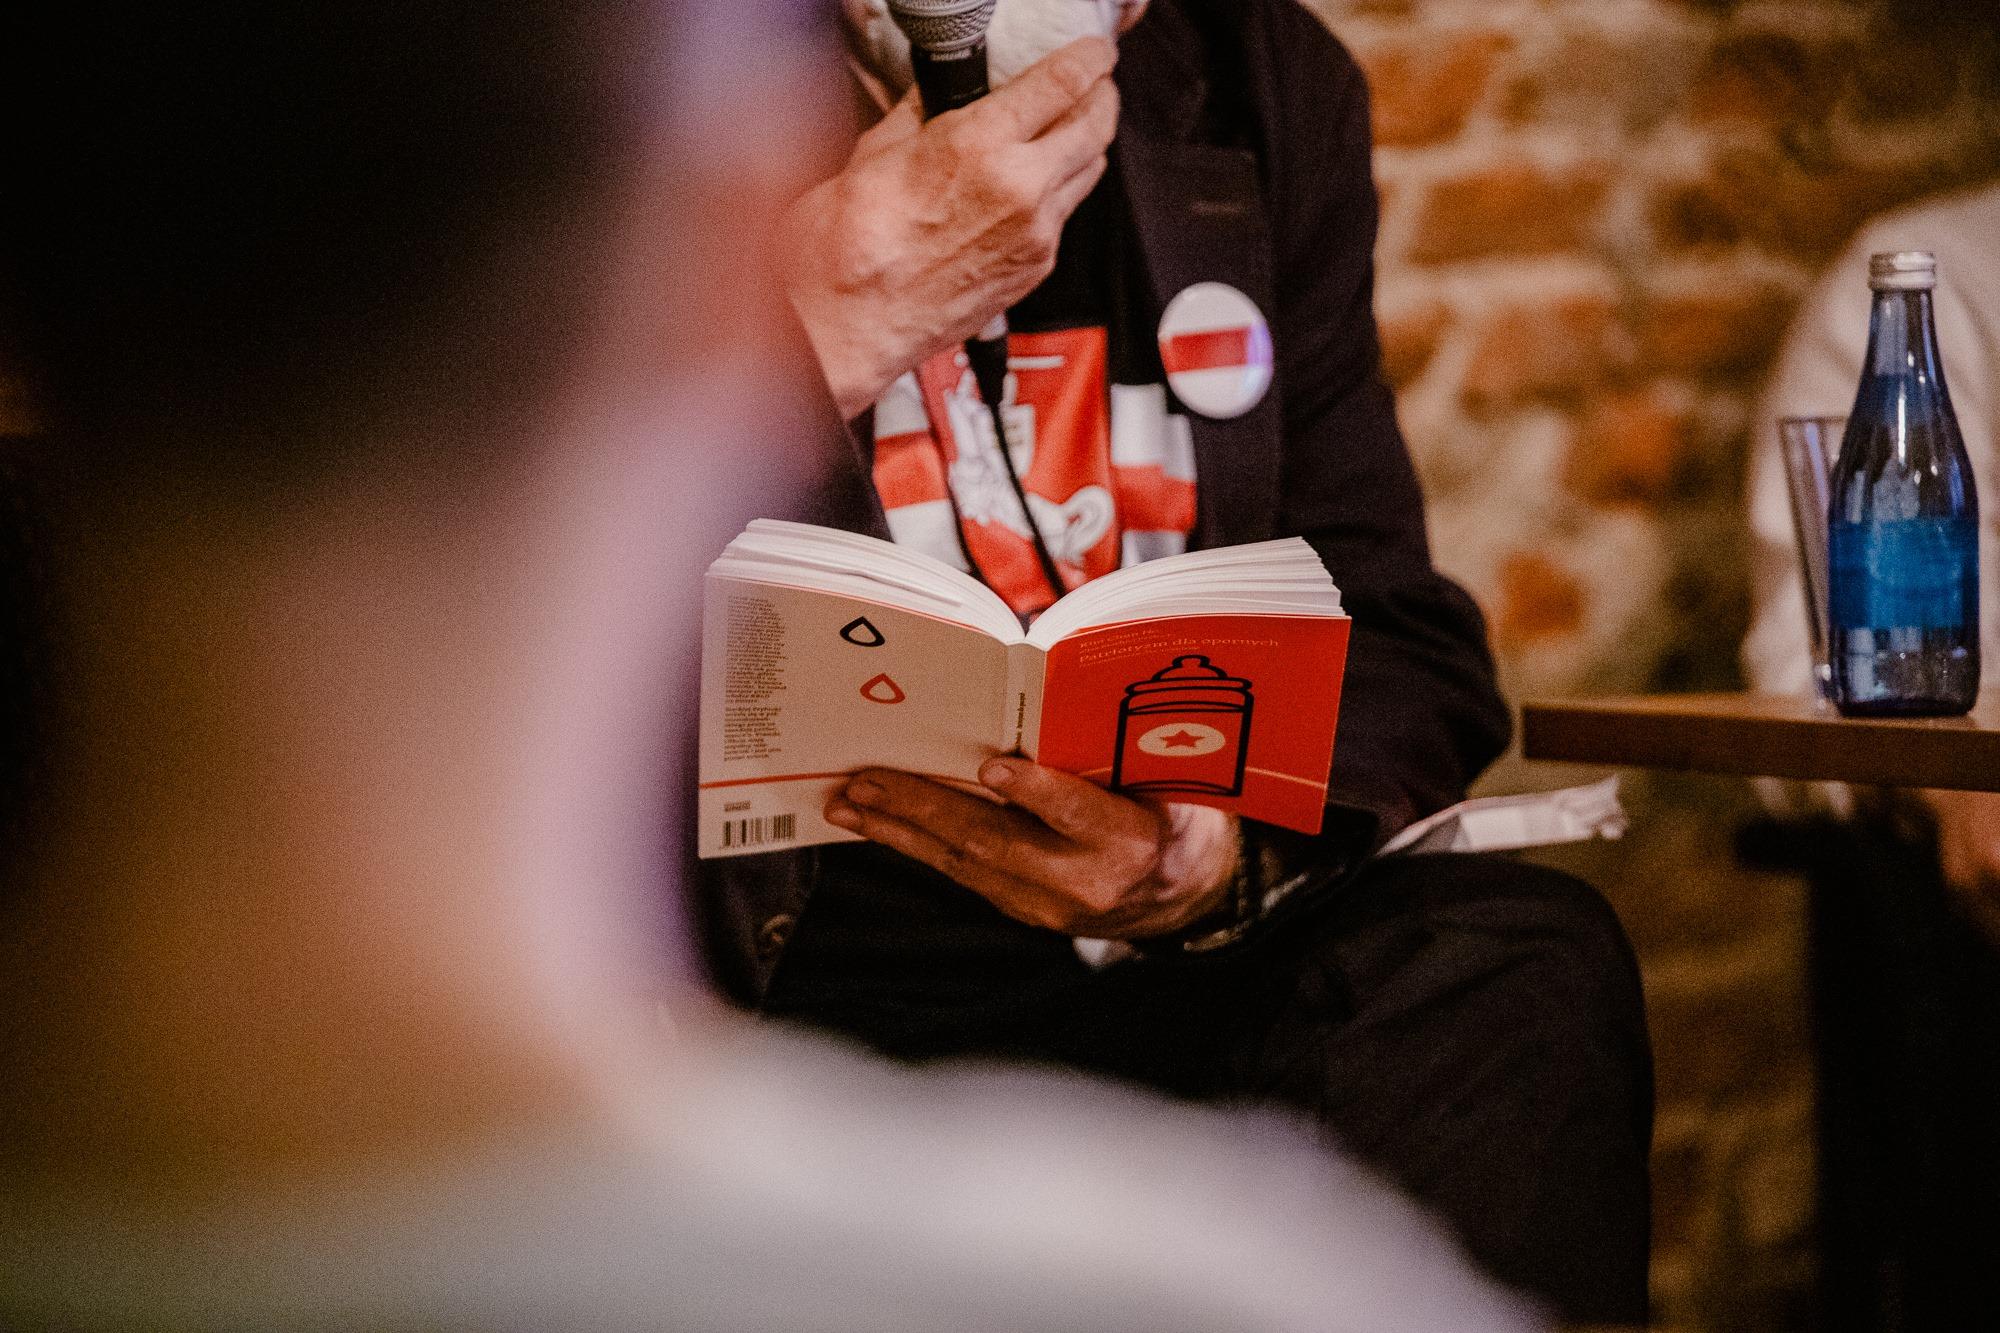 [Zdjęcie ze spotkania autorskiego. Zbliżenie na dłonie mężczyzny trzymające mikrofon przy ustach oraz książkę z czerwono-białą okładką. Mężczyzna ubrany jest na ciemno oraz ma przypiętą do ubrania przypinkę biało-czerwono-białej flagi Białorusi. Obok widać kawałek stolika ze stojącą na nim wodą i szklanką.]